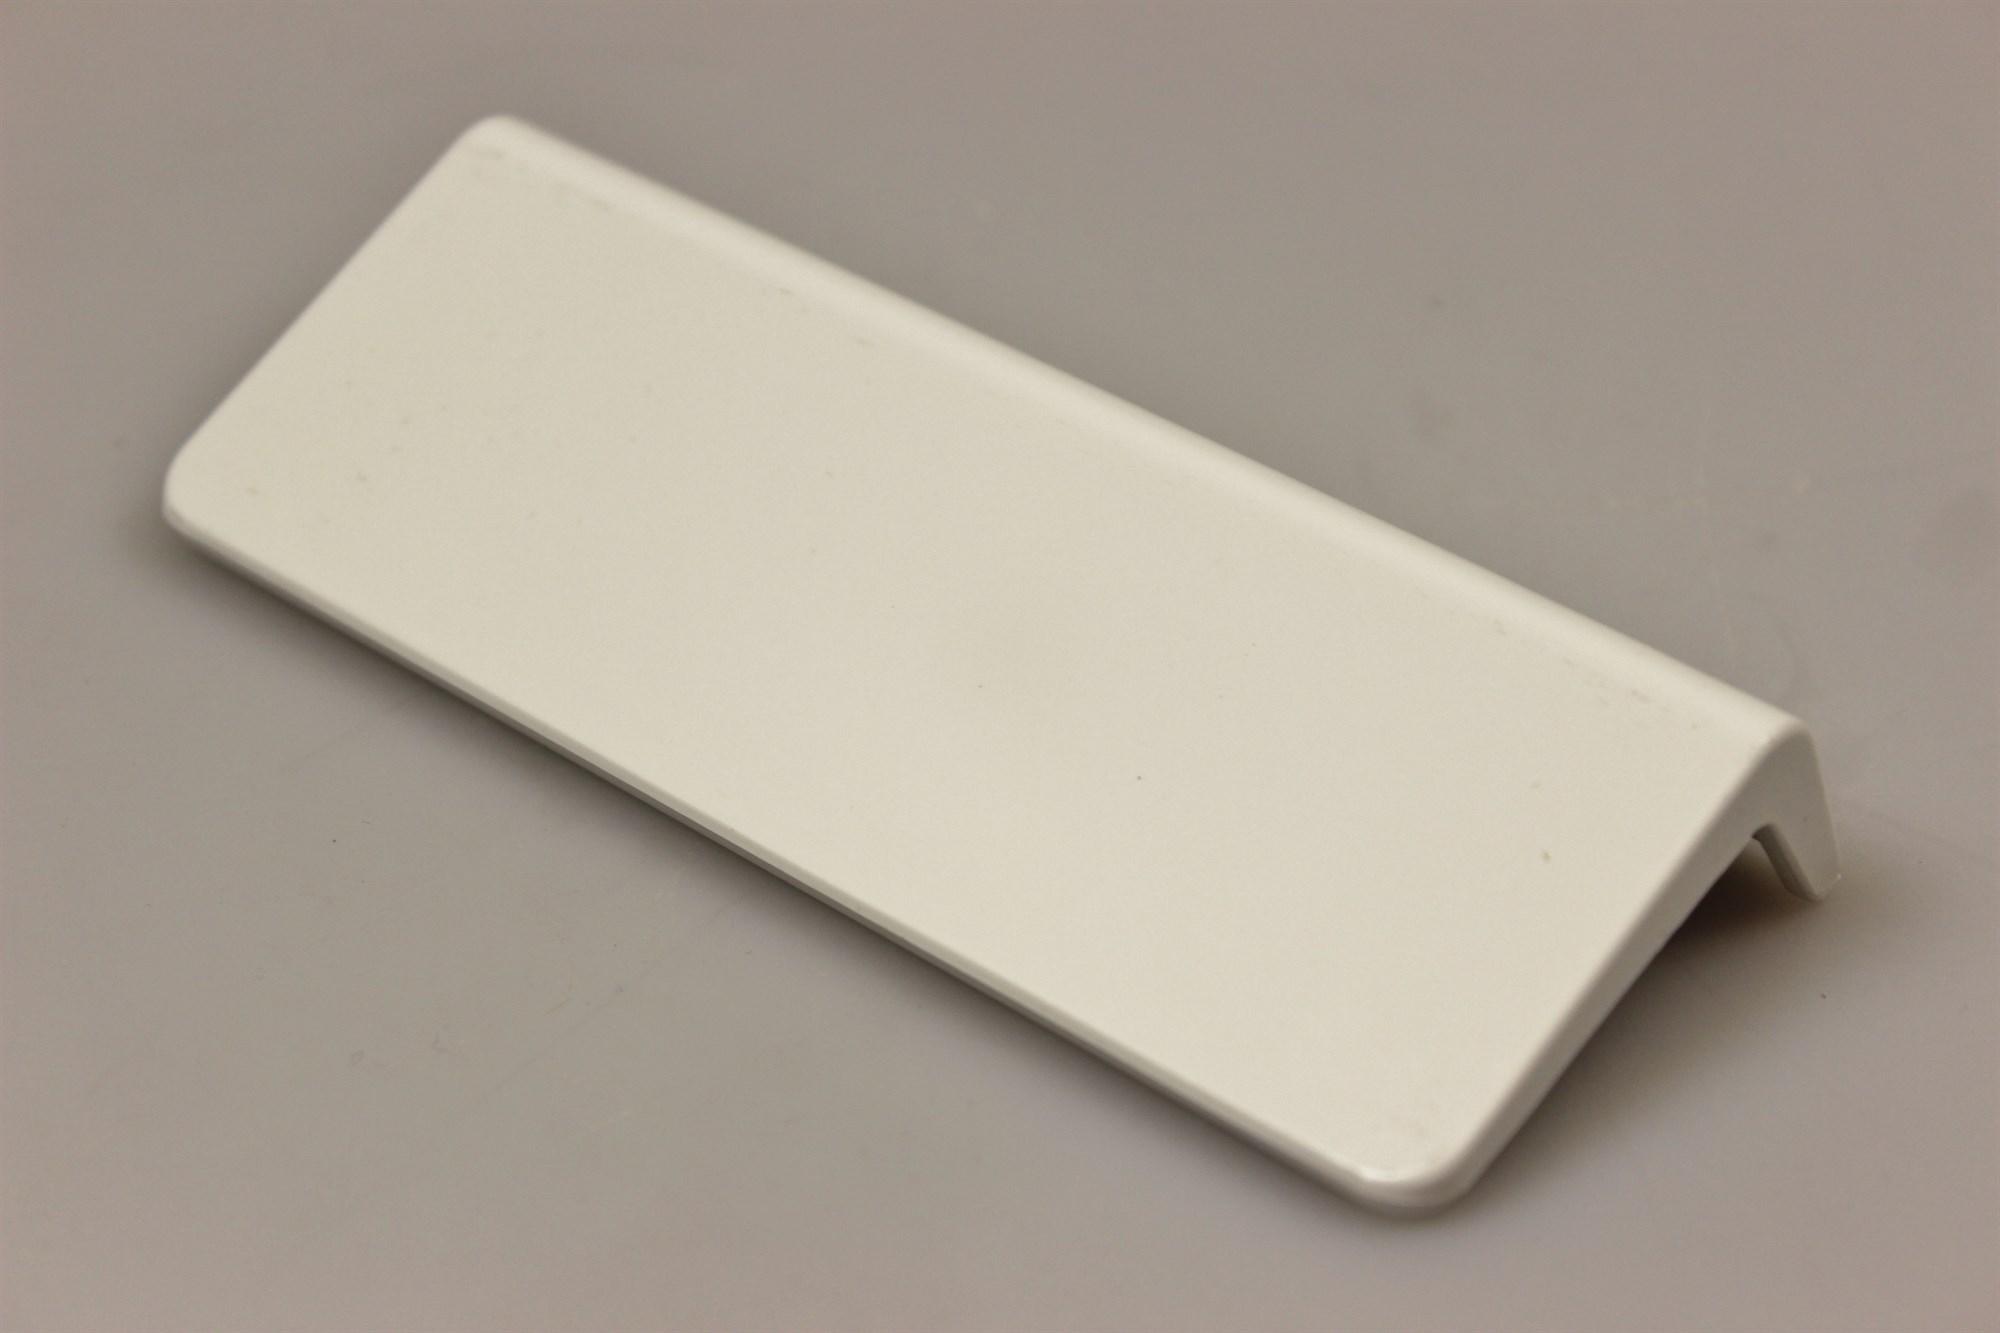 Kühlschrank Juno Elektrolux : Griff für gefrierfachtür juno electrolux kühl gefrierschrank